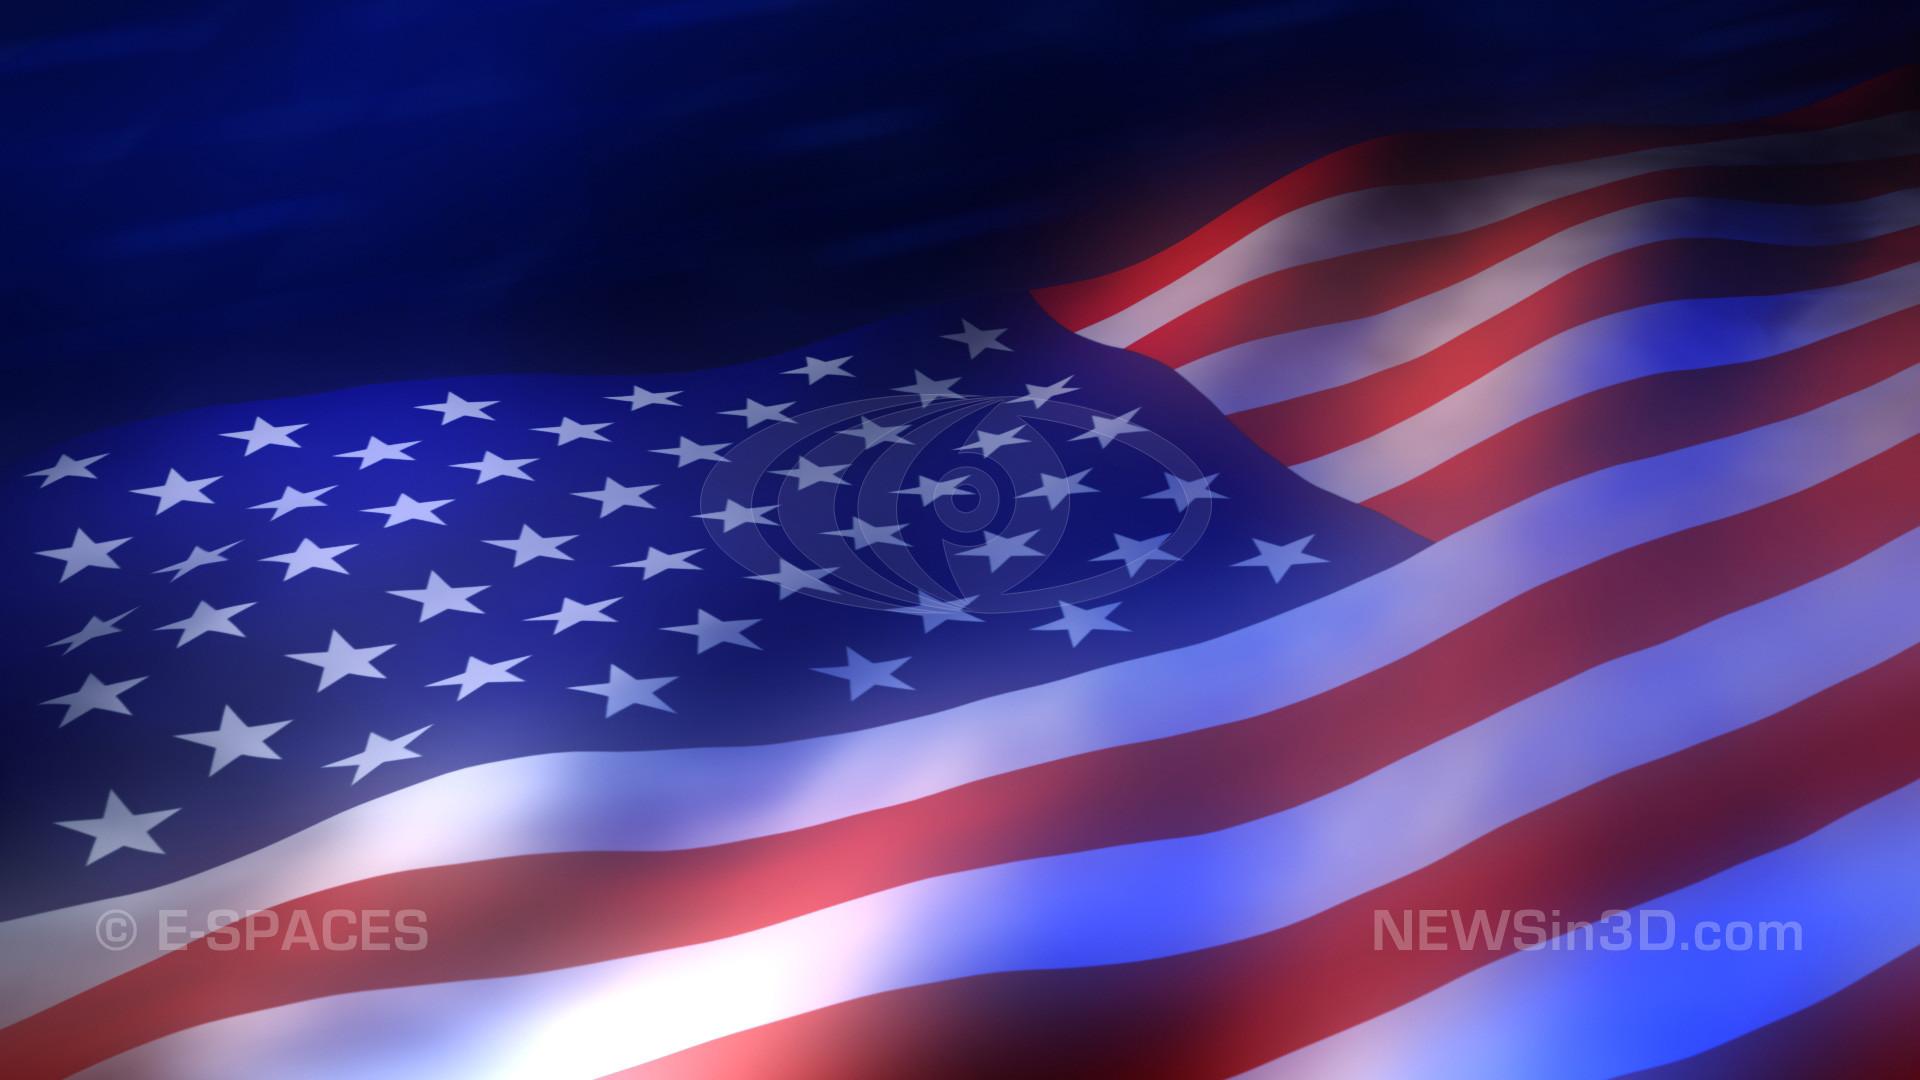 American Flag Desktop Background. detsky-nabytek.info